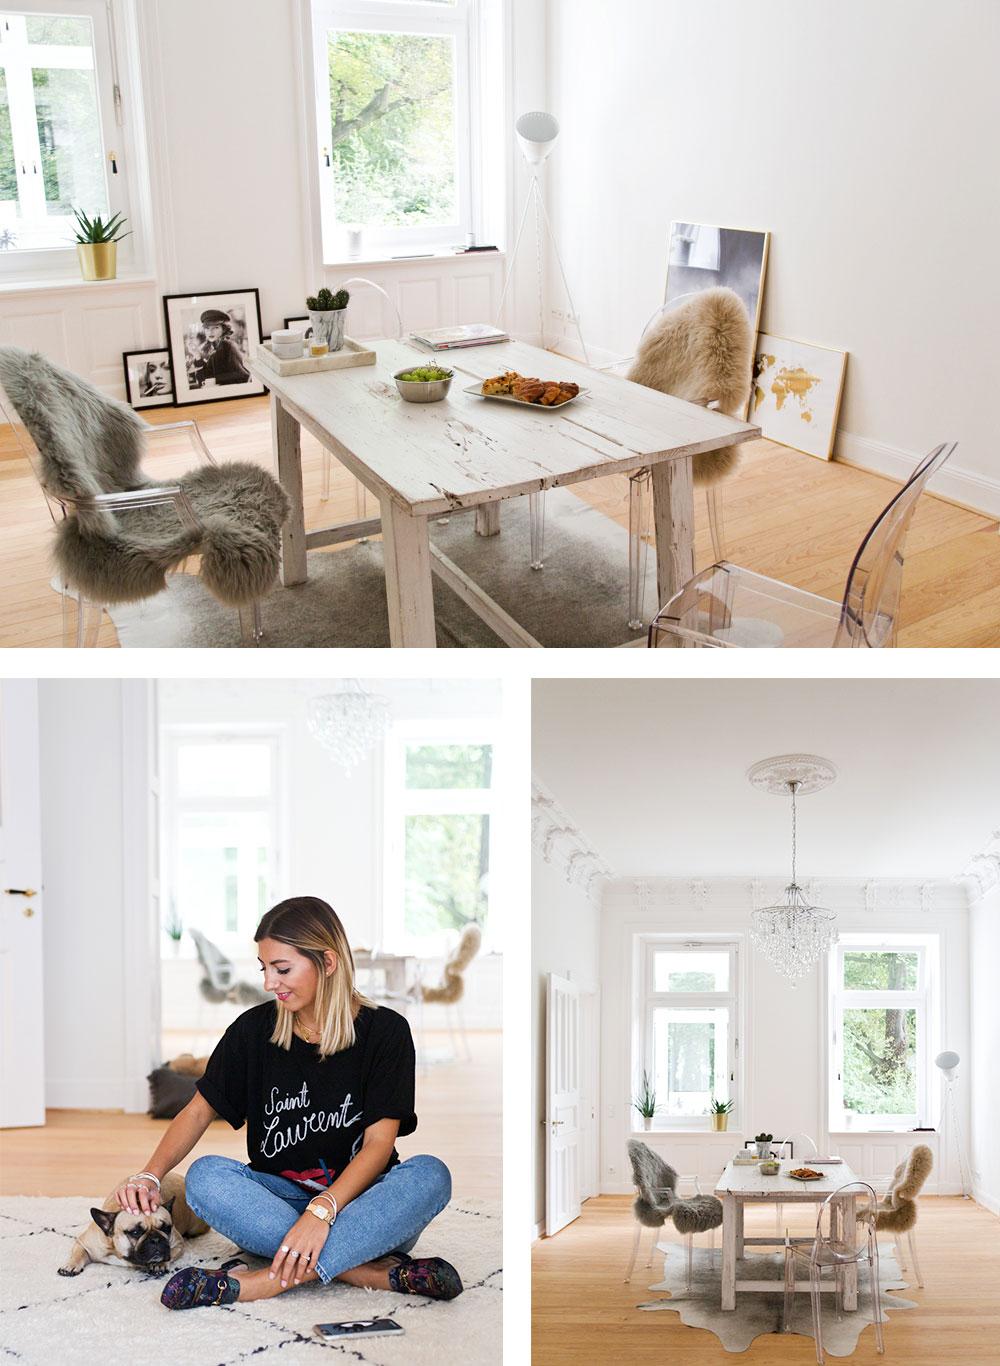 achtung wohnneid bloggerin aylin k nig zeigt uns ihr zuhause femtastics. Black Bedroom Furniture Sets. Home Design Ideas